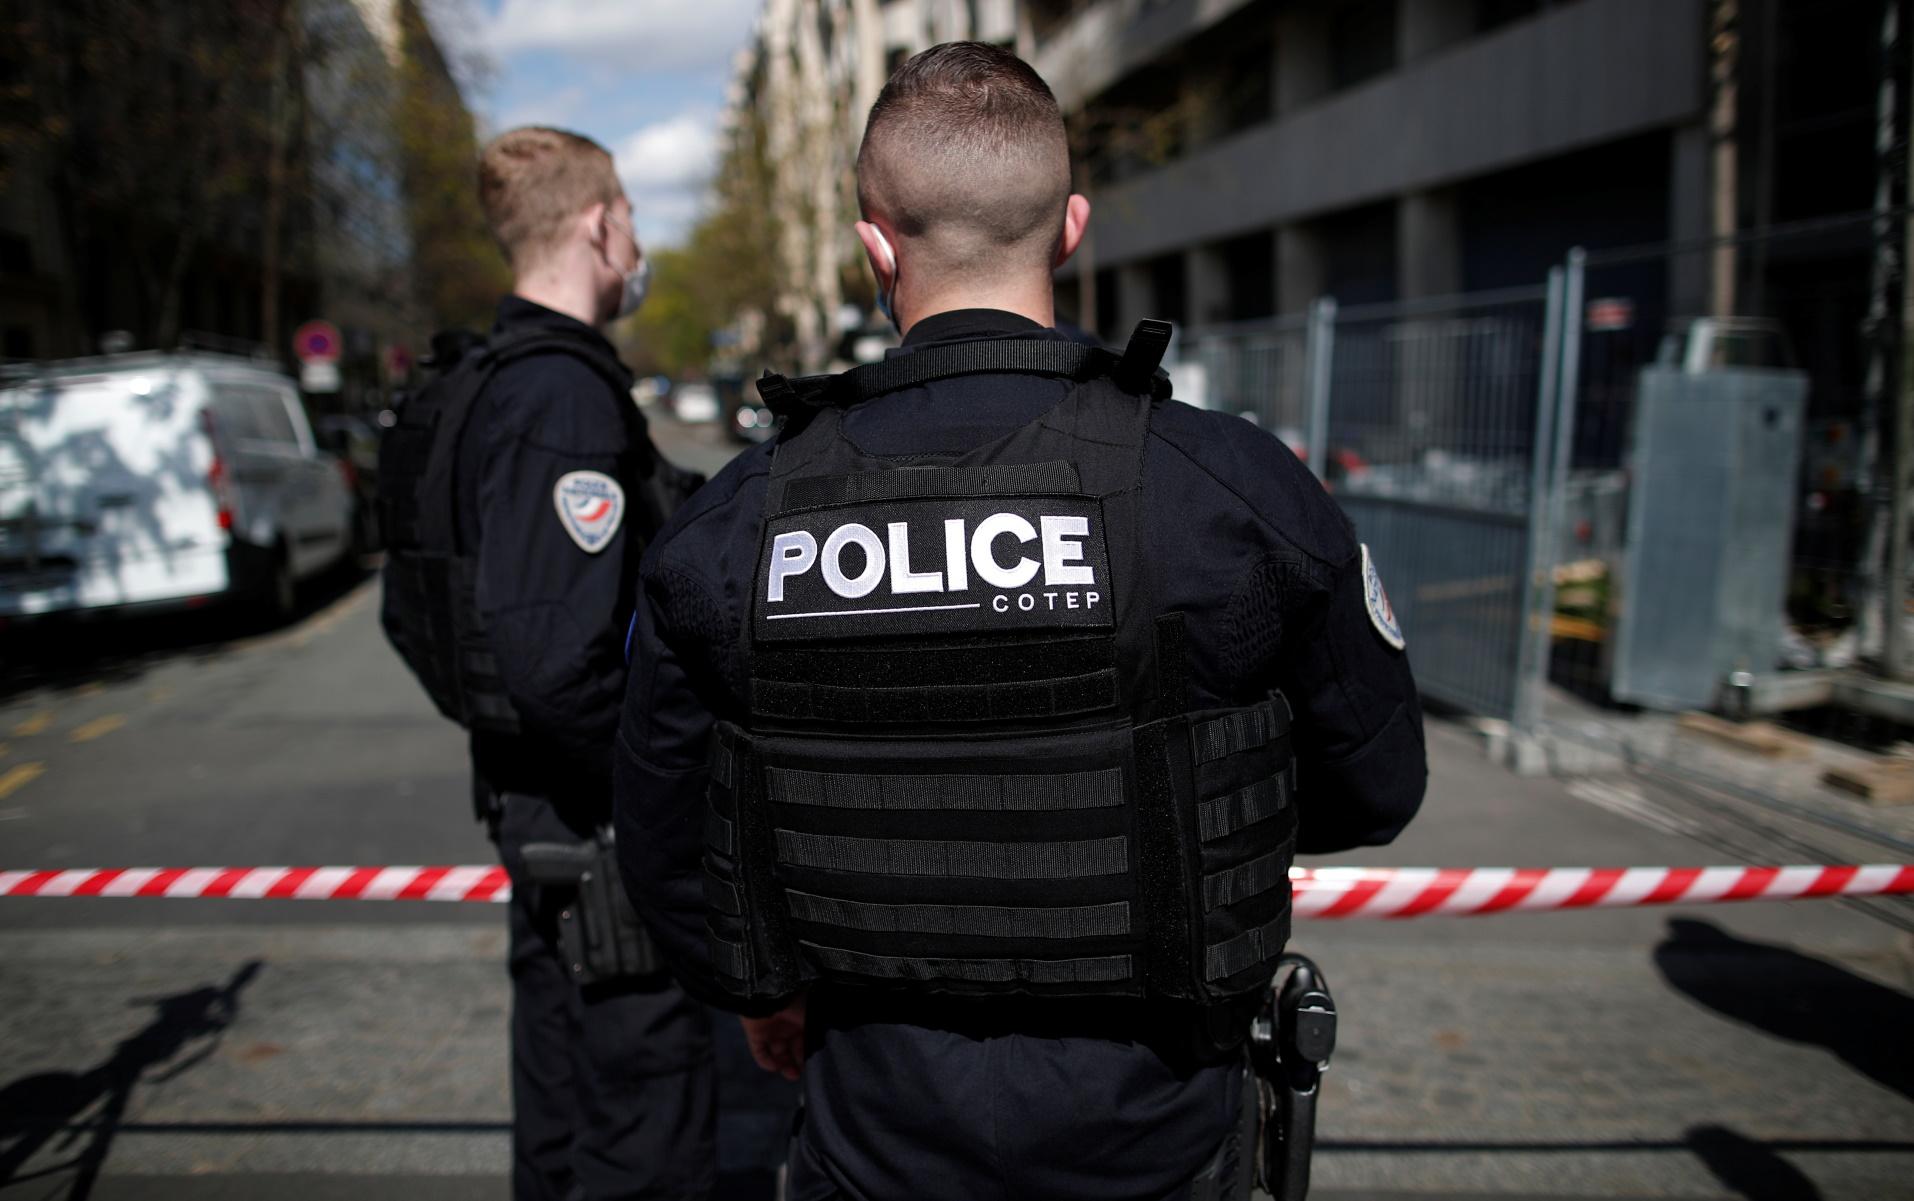 Γαλλία: Συνελήφθη μετά από ανθρωποκυνηγητό και ανταλλαγή πυρών πρώην στρατιωτικός